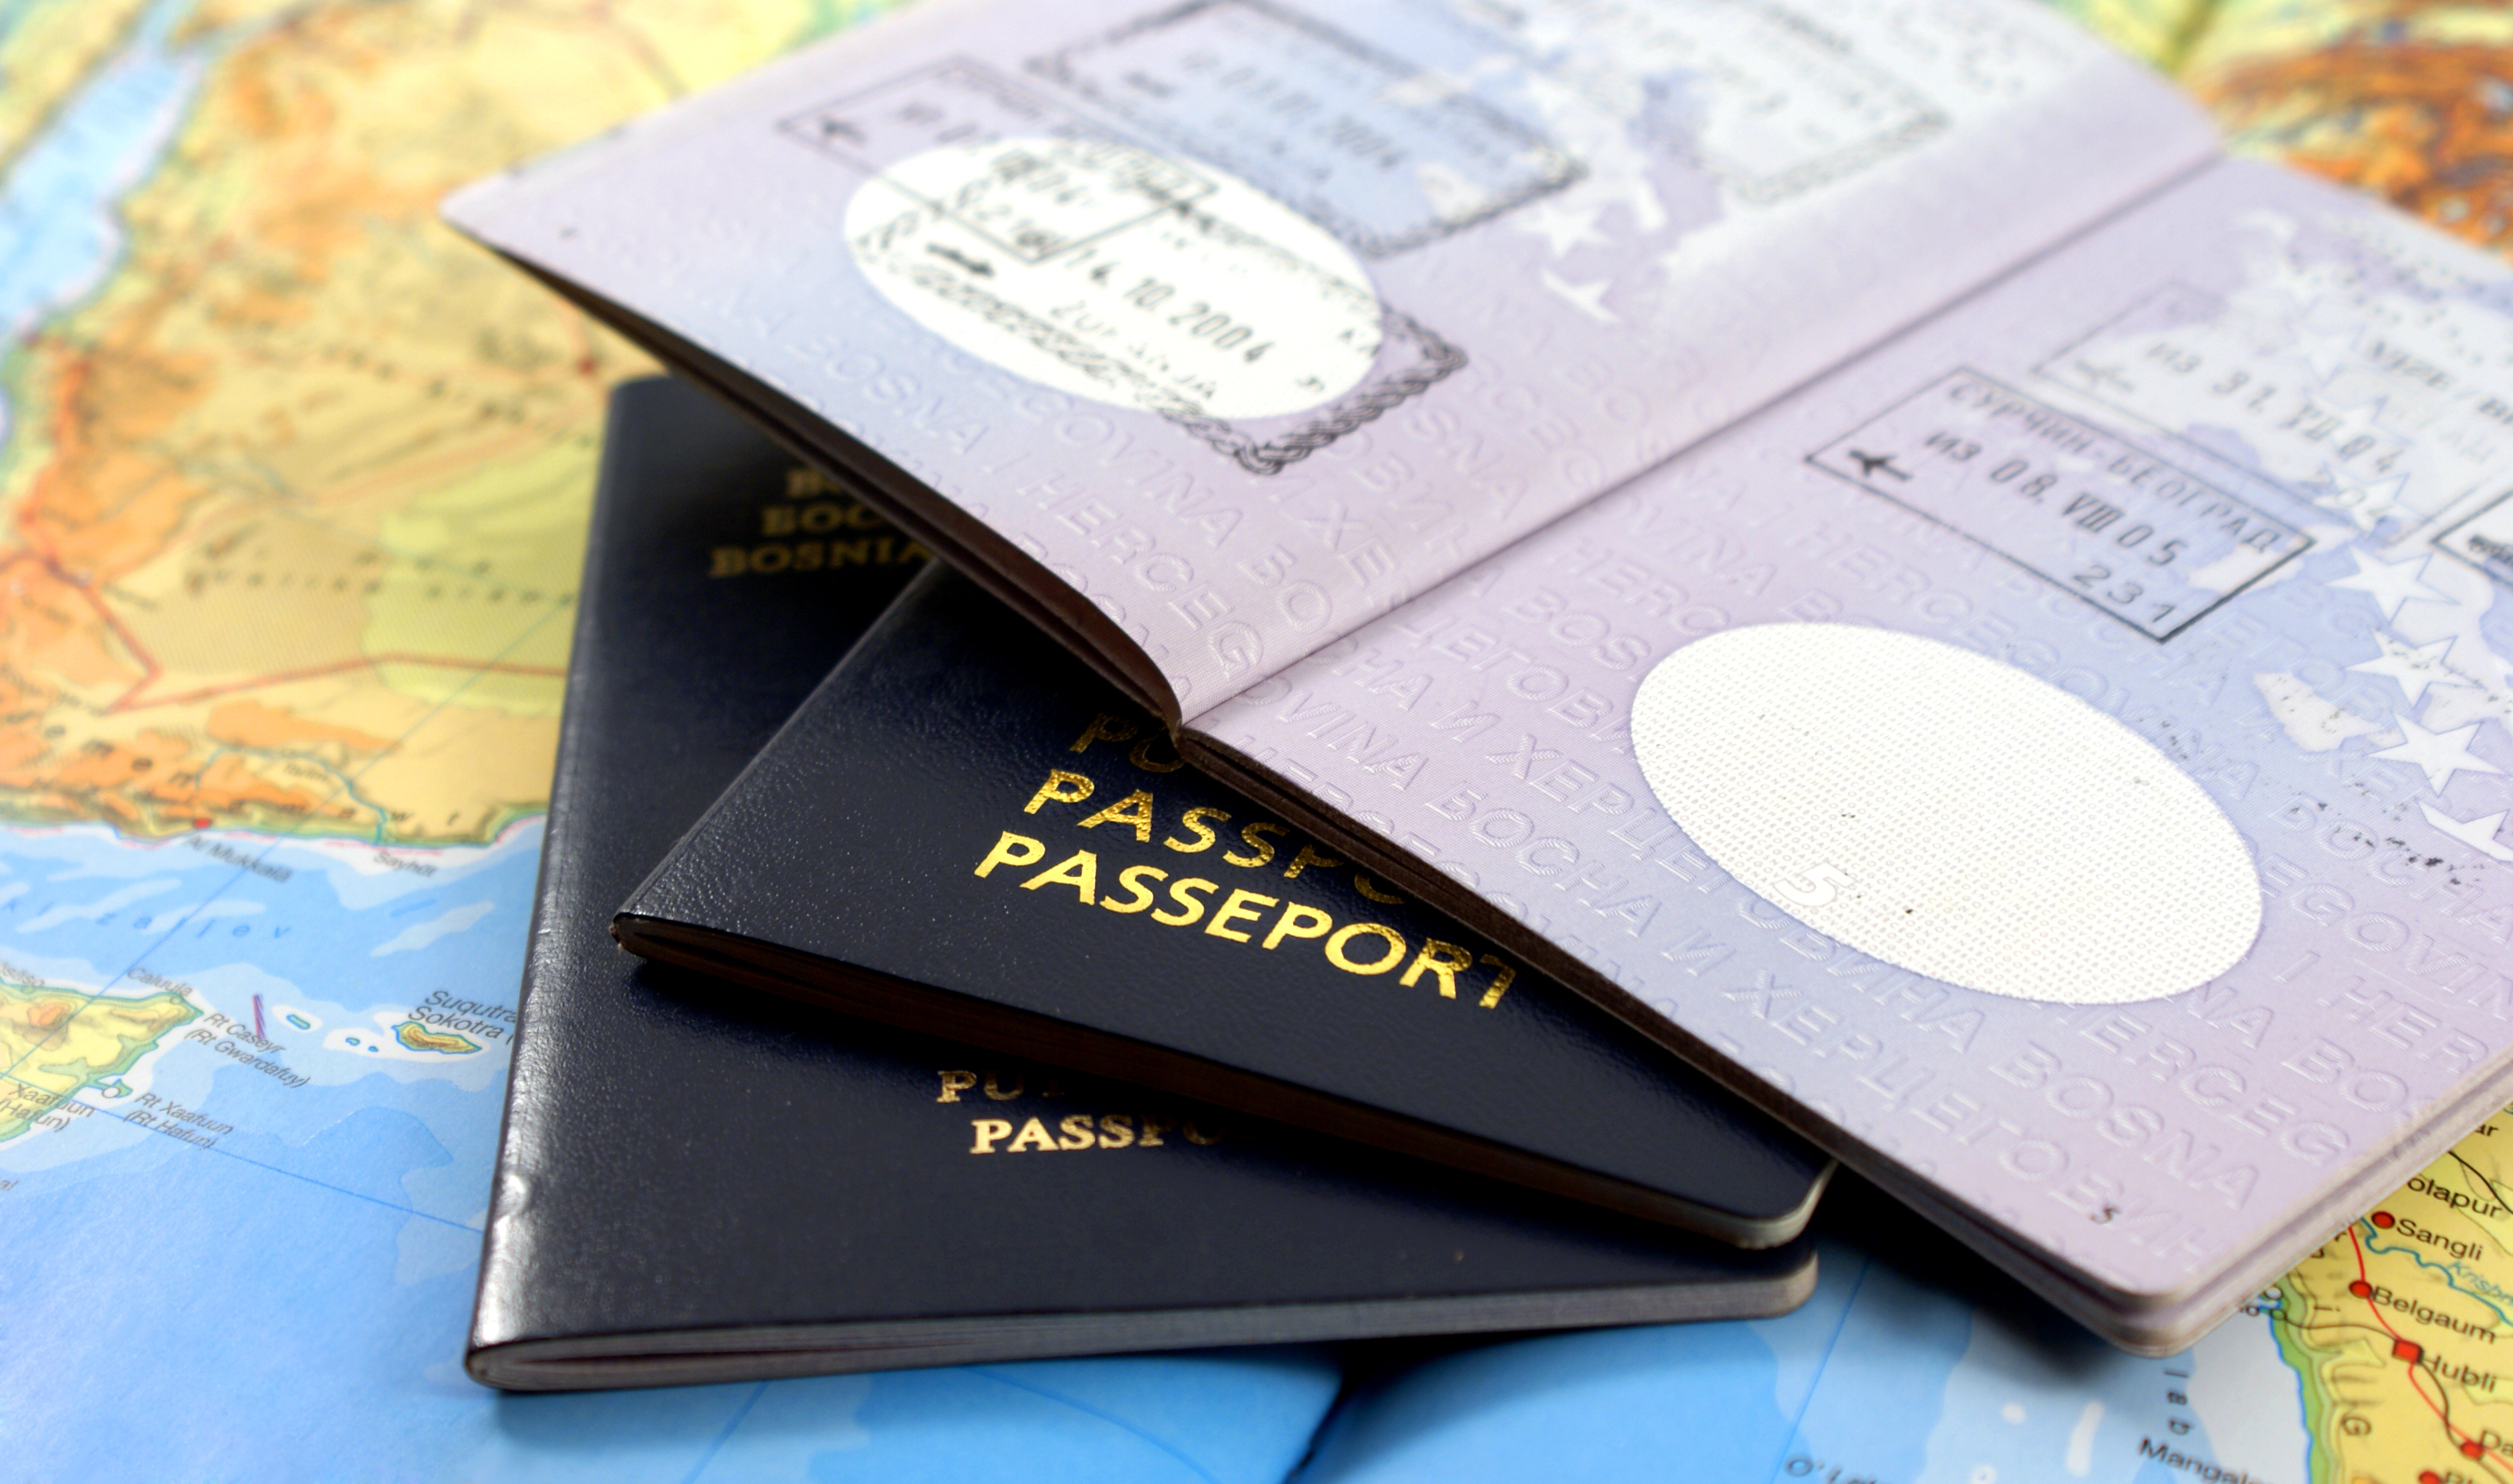 Reisen mit ID oder Führerschein – welche Dokumente sind gültig ... 003f2b9d519